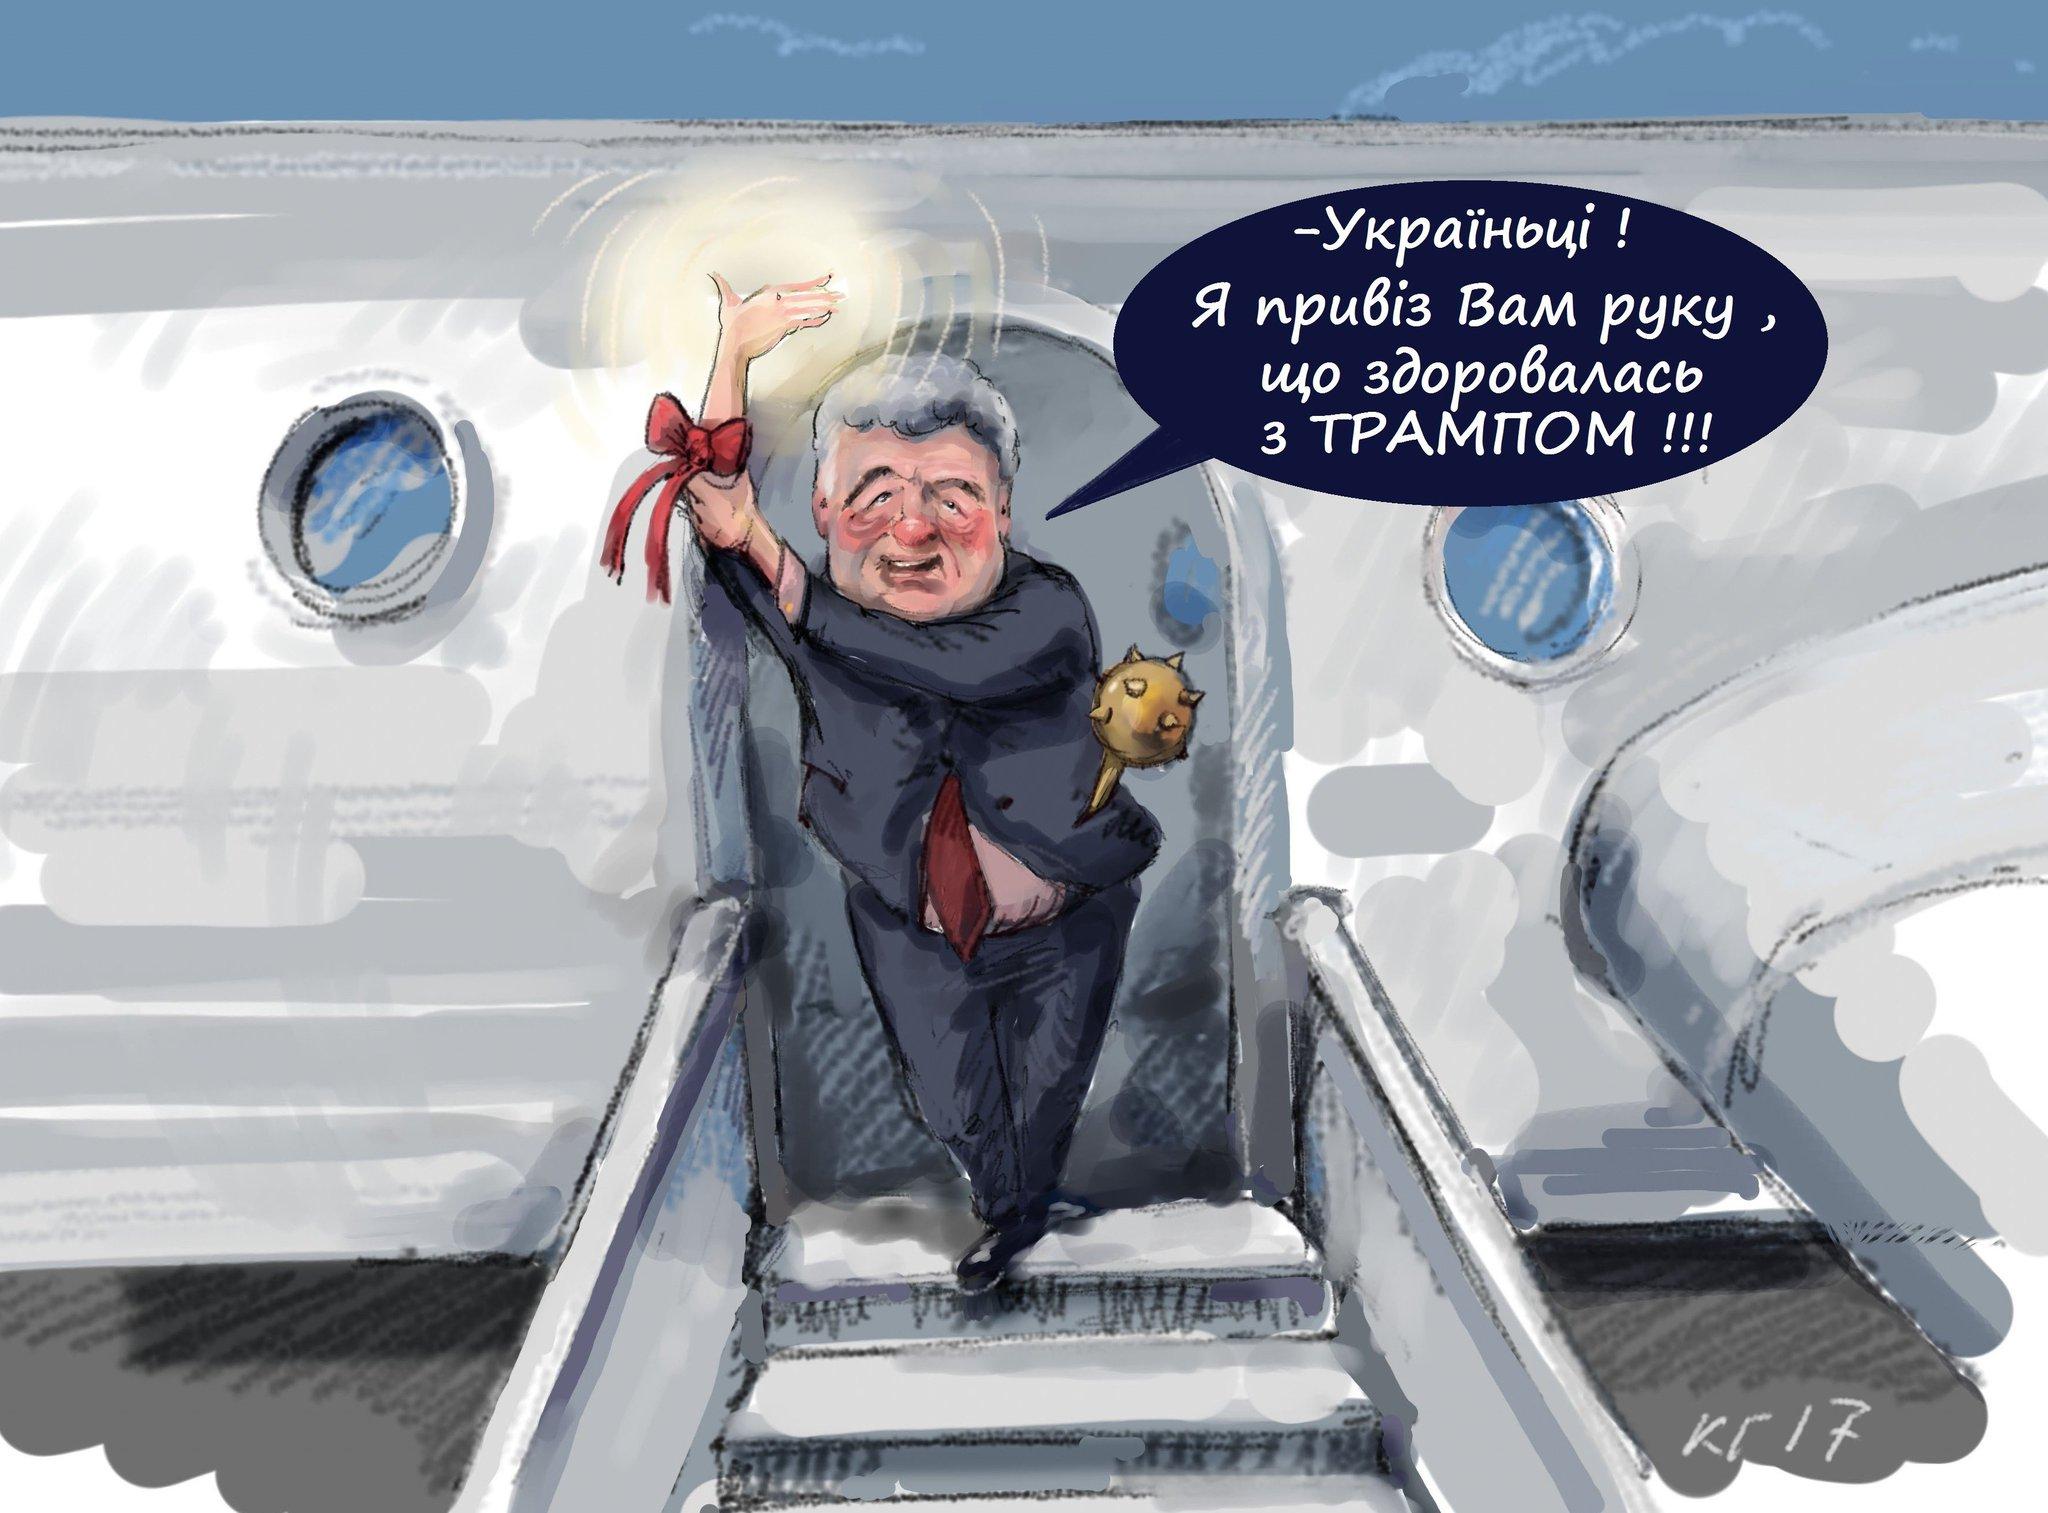 Трамп и порошенко прикольные картинки, картинки распечатать